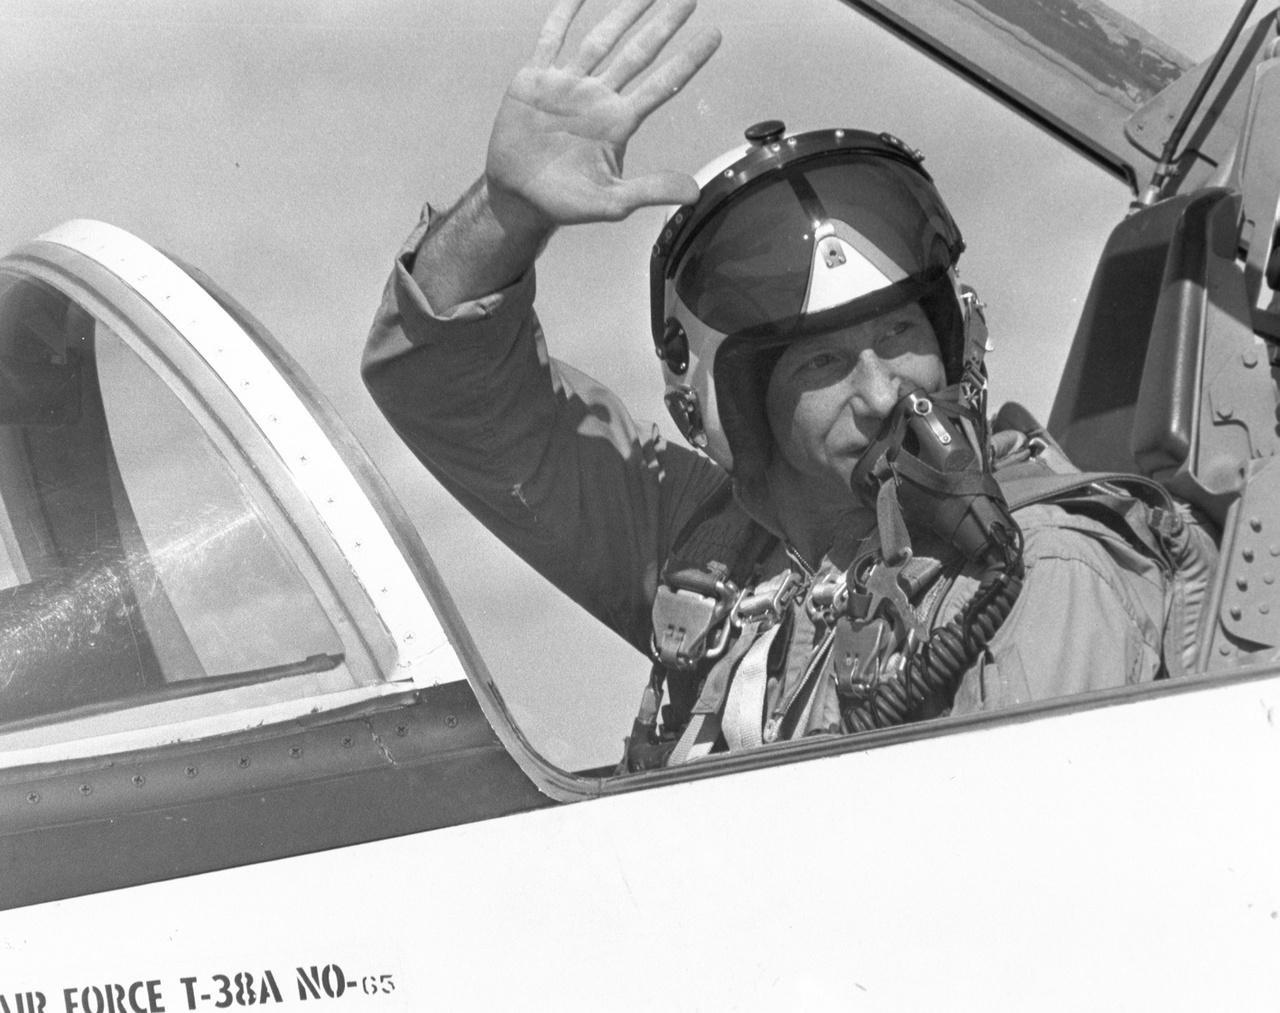 1970. július: Kiképzőrepülésre készülve a Patrick légibázison, a NASA egyik T-38 Talon könnyű sugárhajtású gépének pilótafülkéjében.